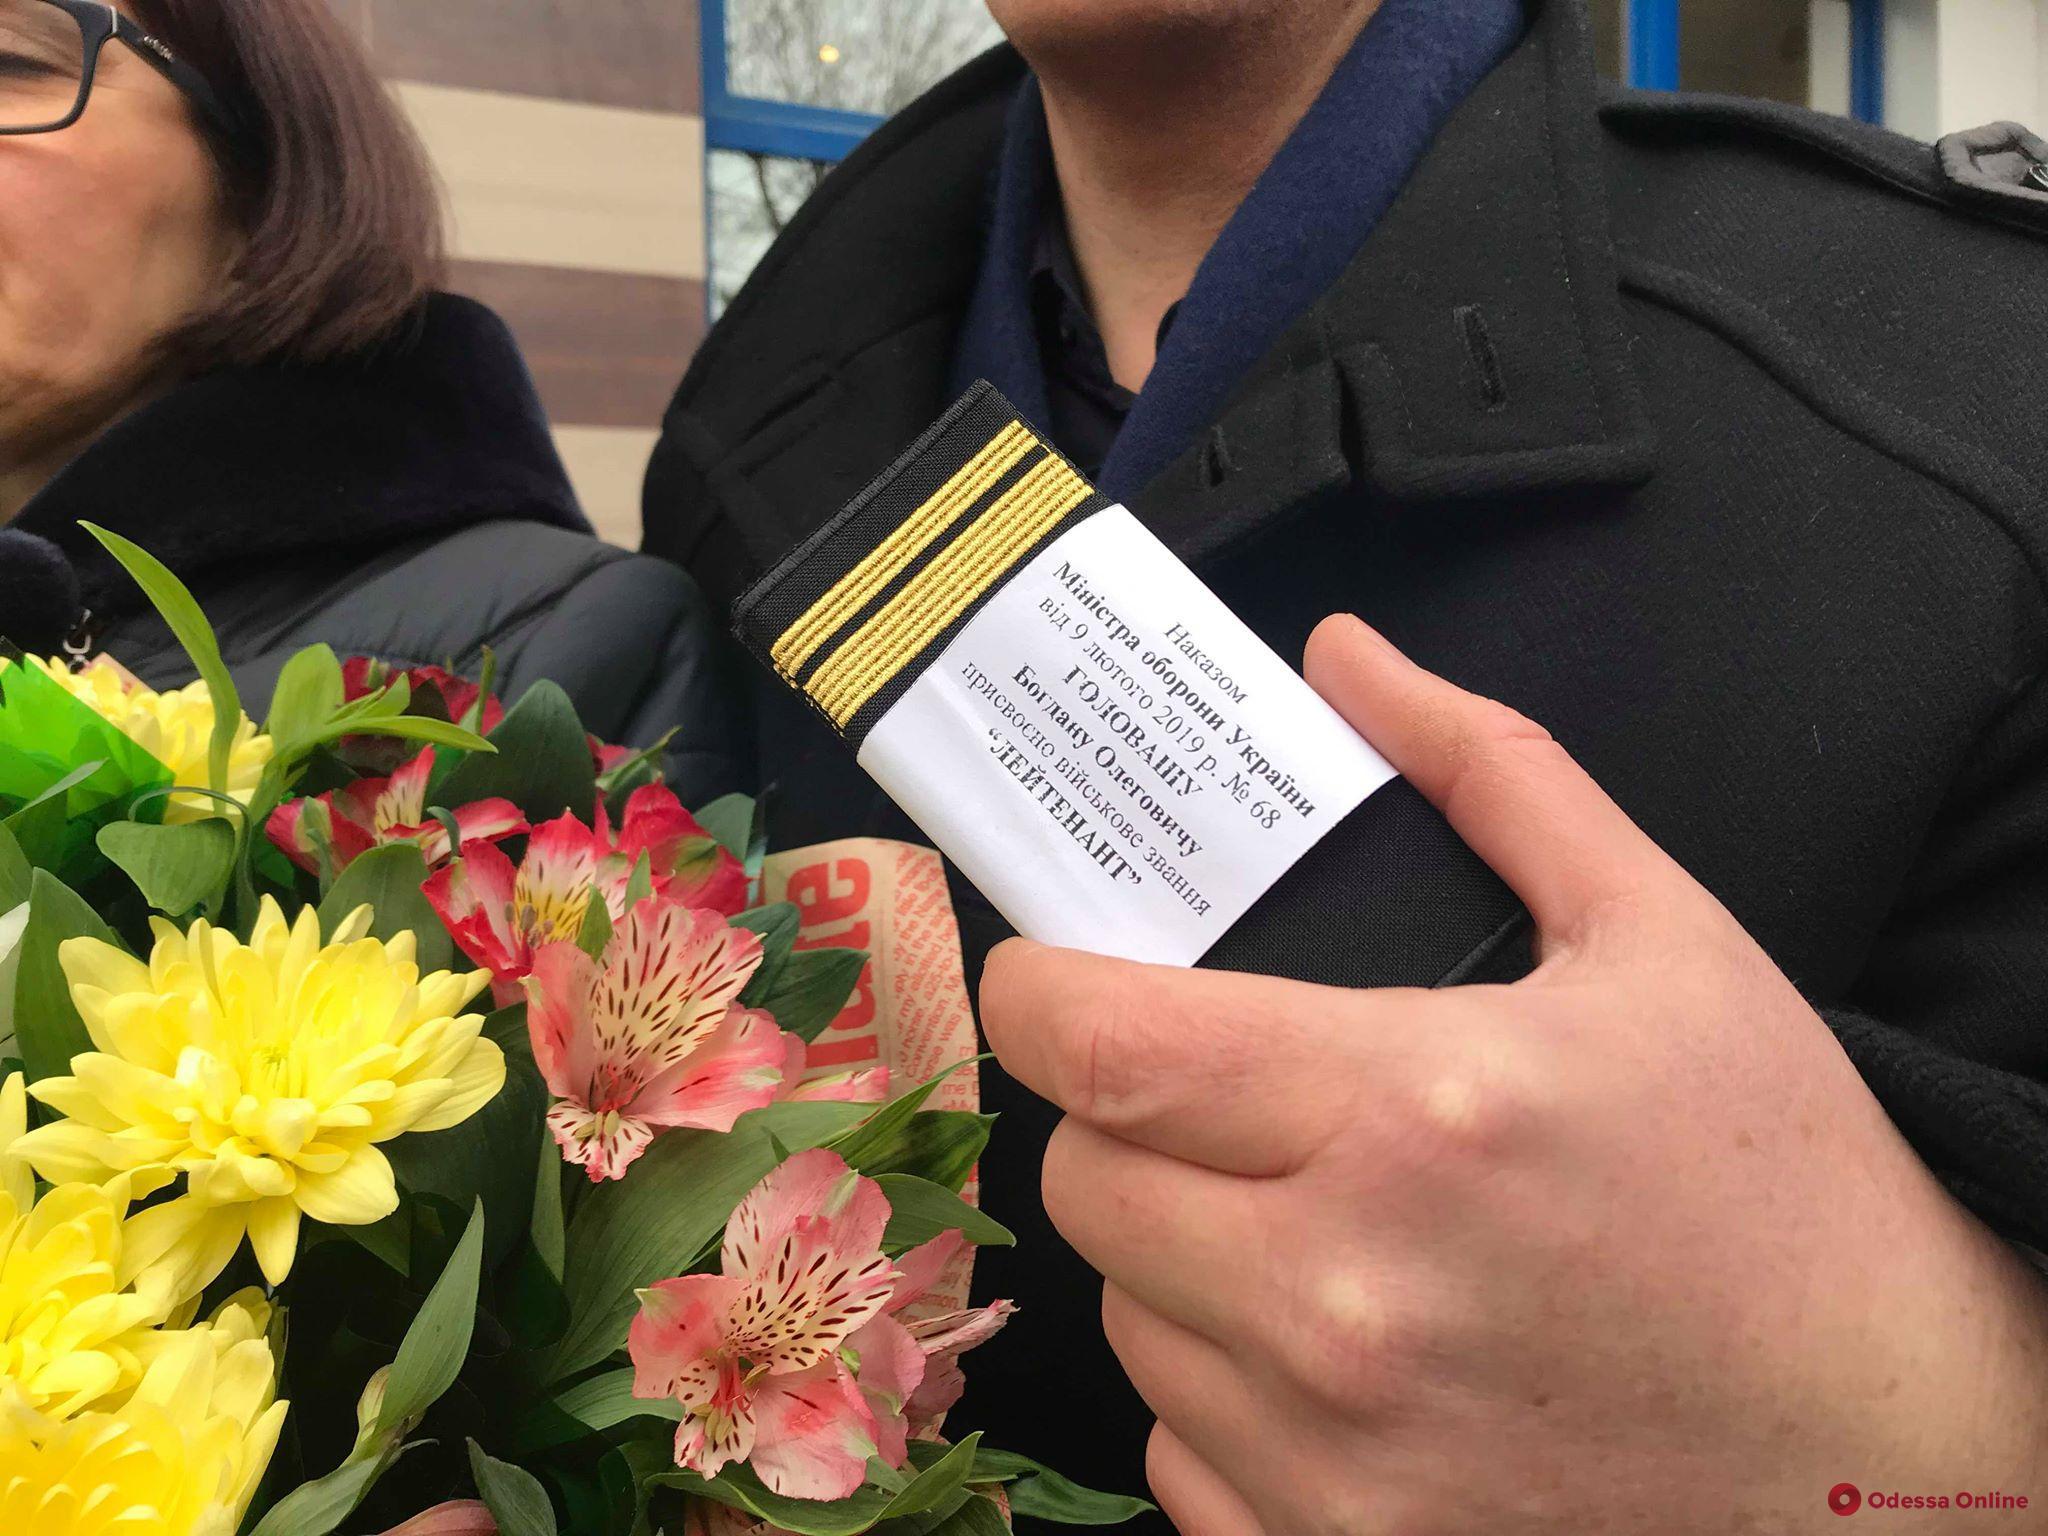 Двое одесских курсантов заочно получили офицерские звания, находясь в плену РФ